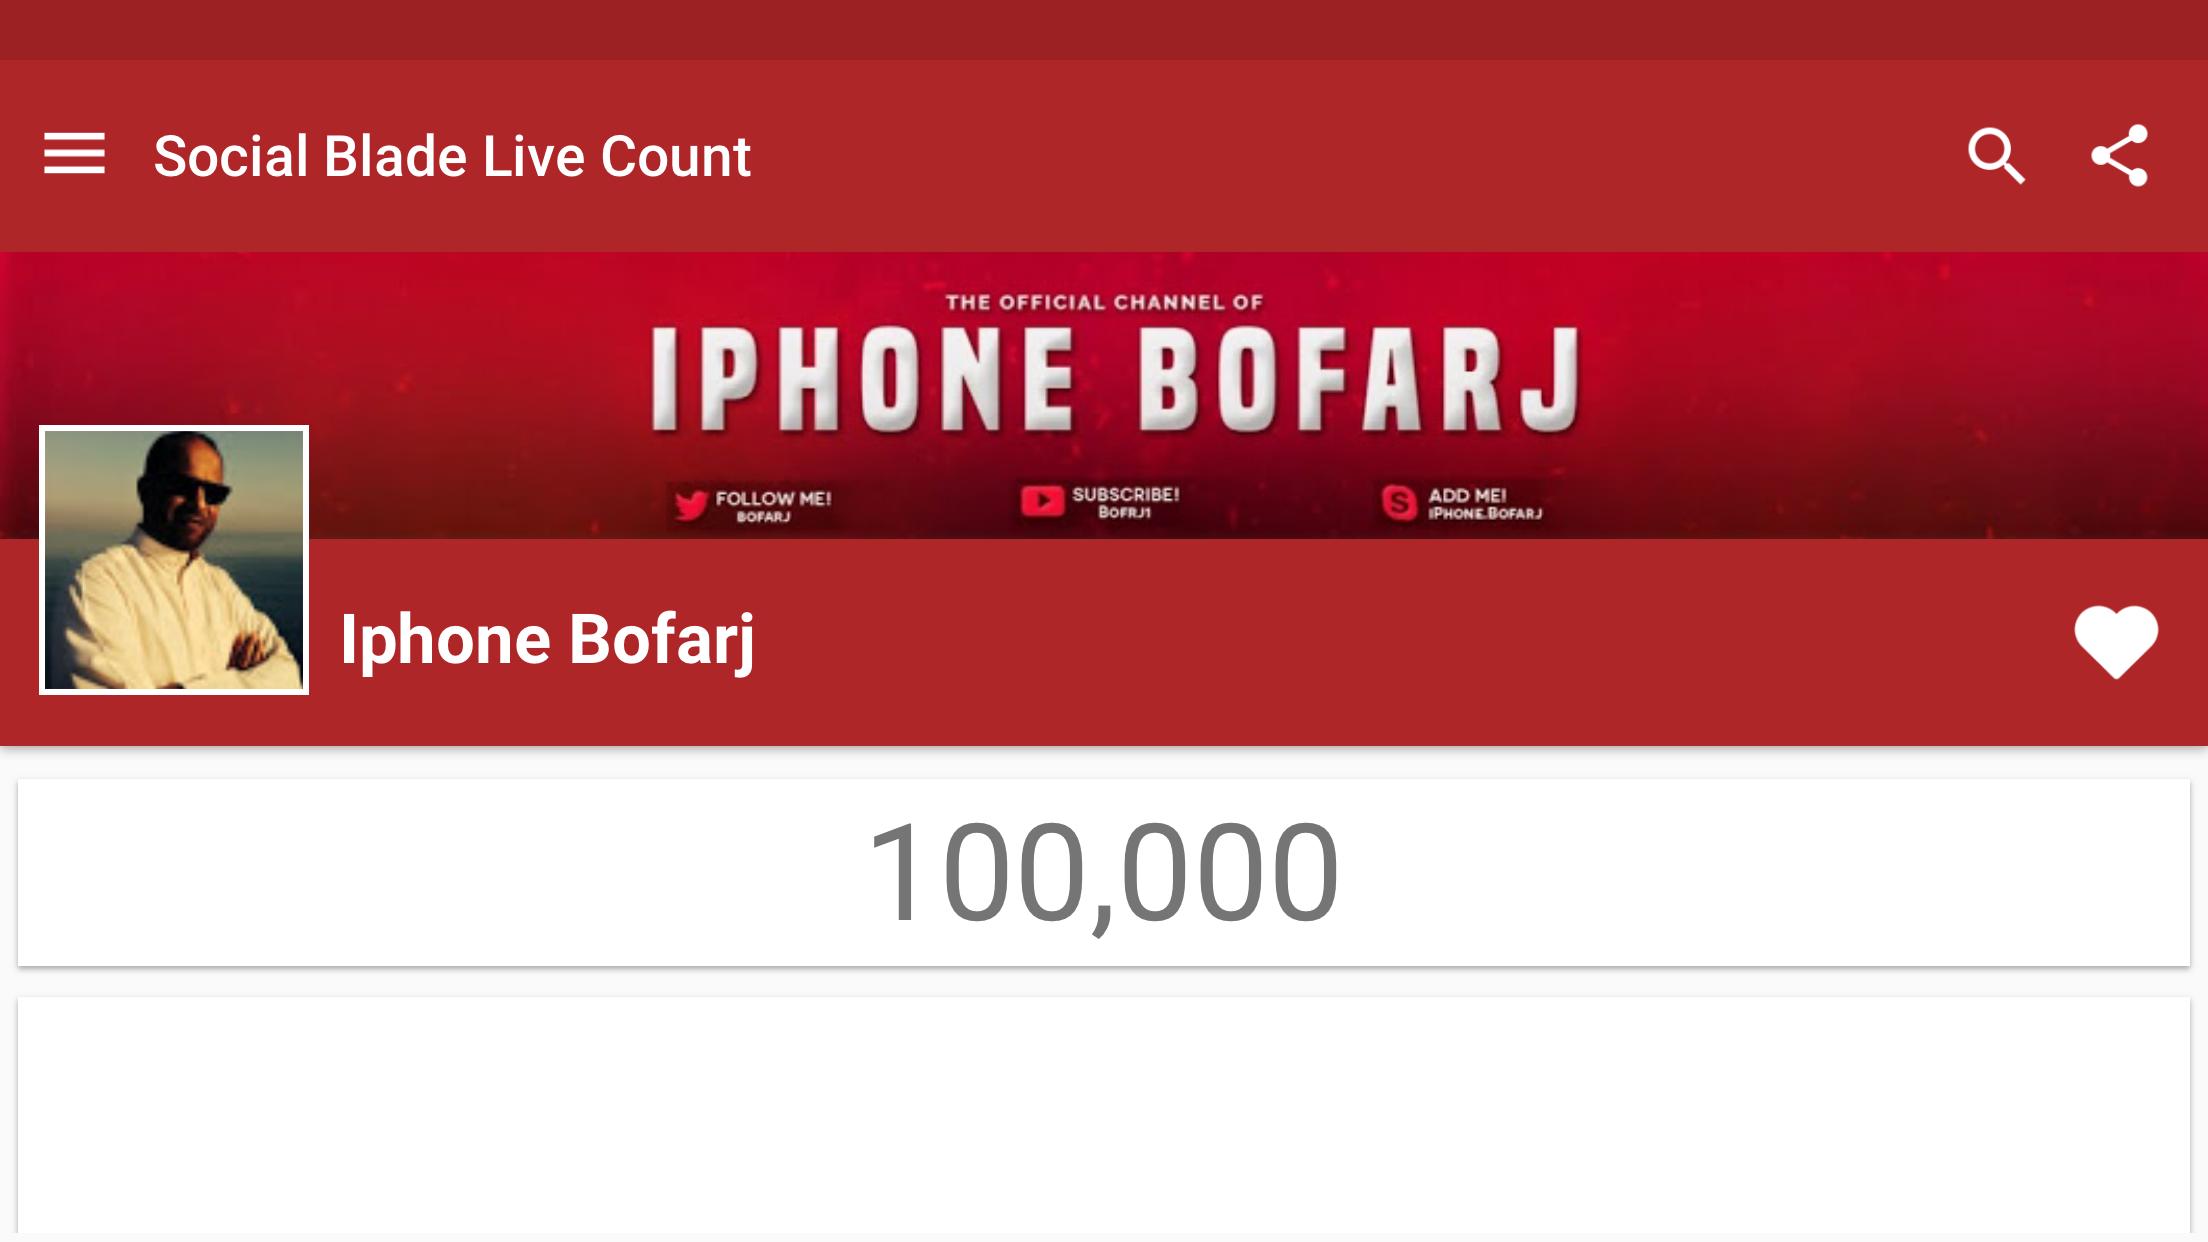 معلومات عن الاإعلان قناة يوتيوب توفر لك برامج و العاب ايفون مجانا اشترك الان ابحث في اليوتيوب عن Iphone Bofarj Live Count Channel